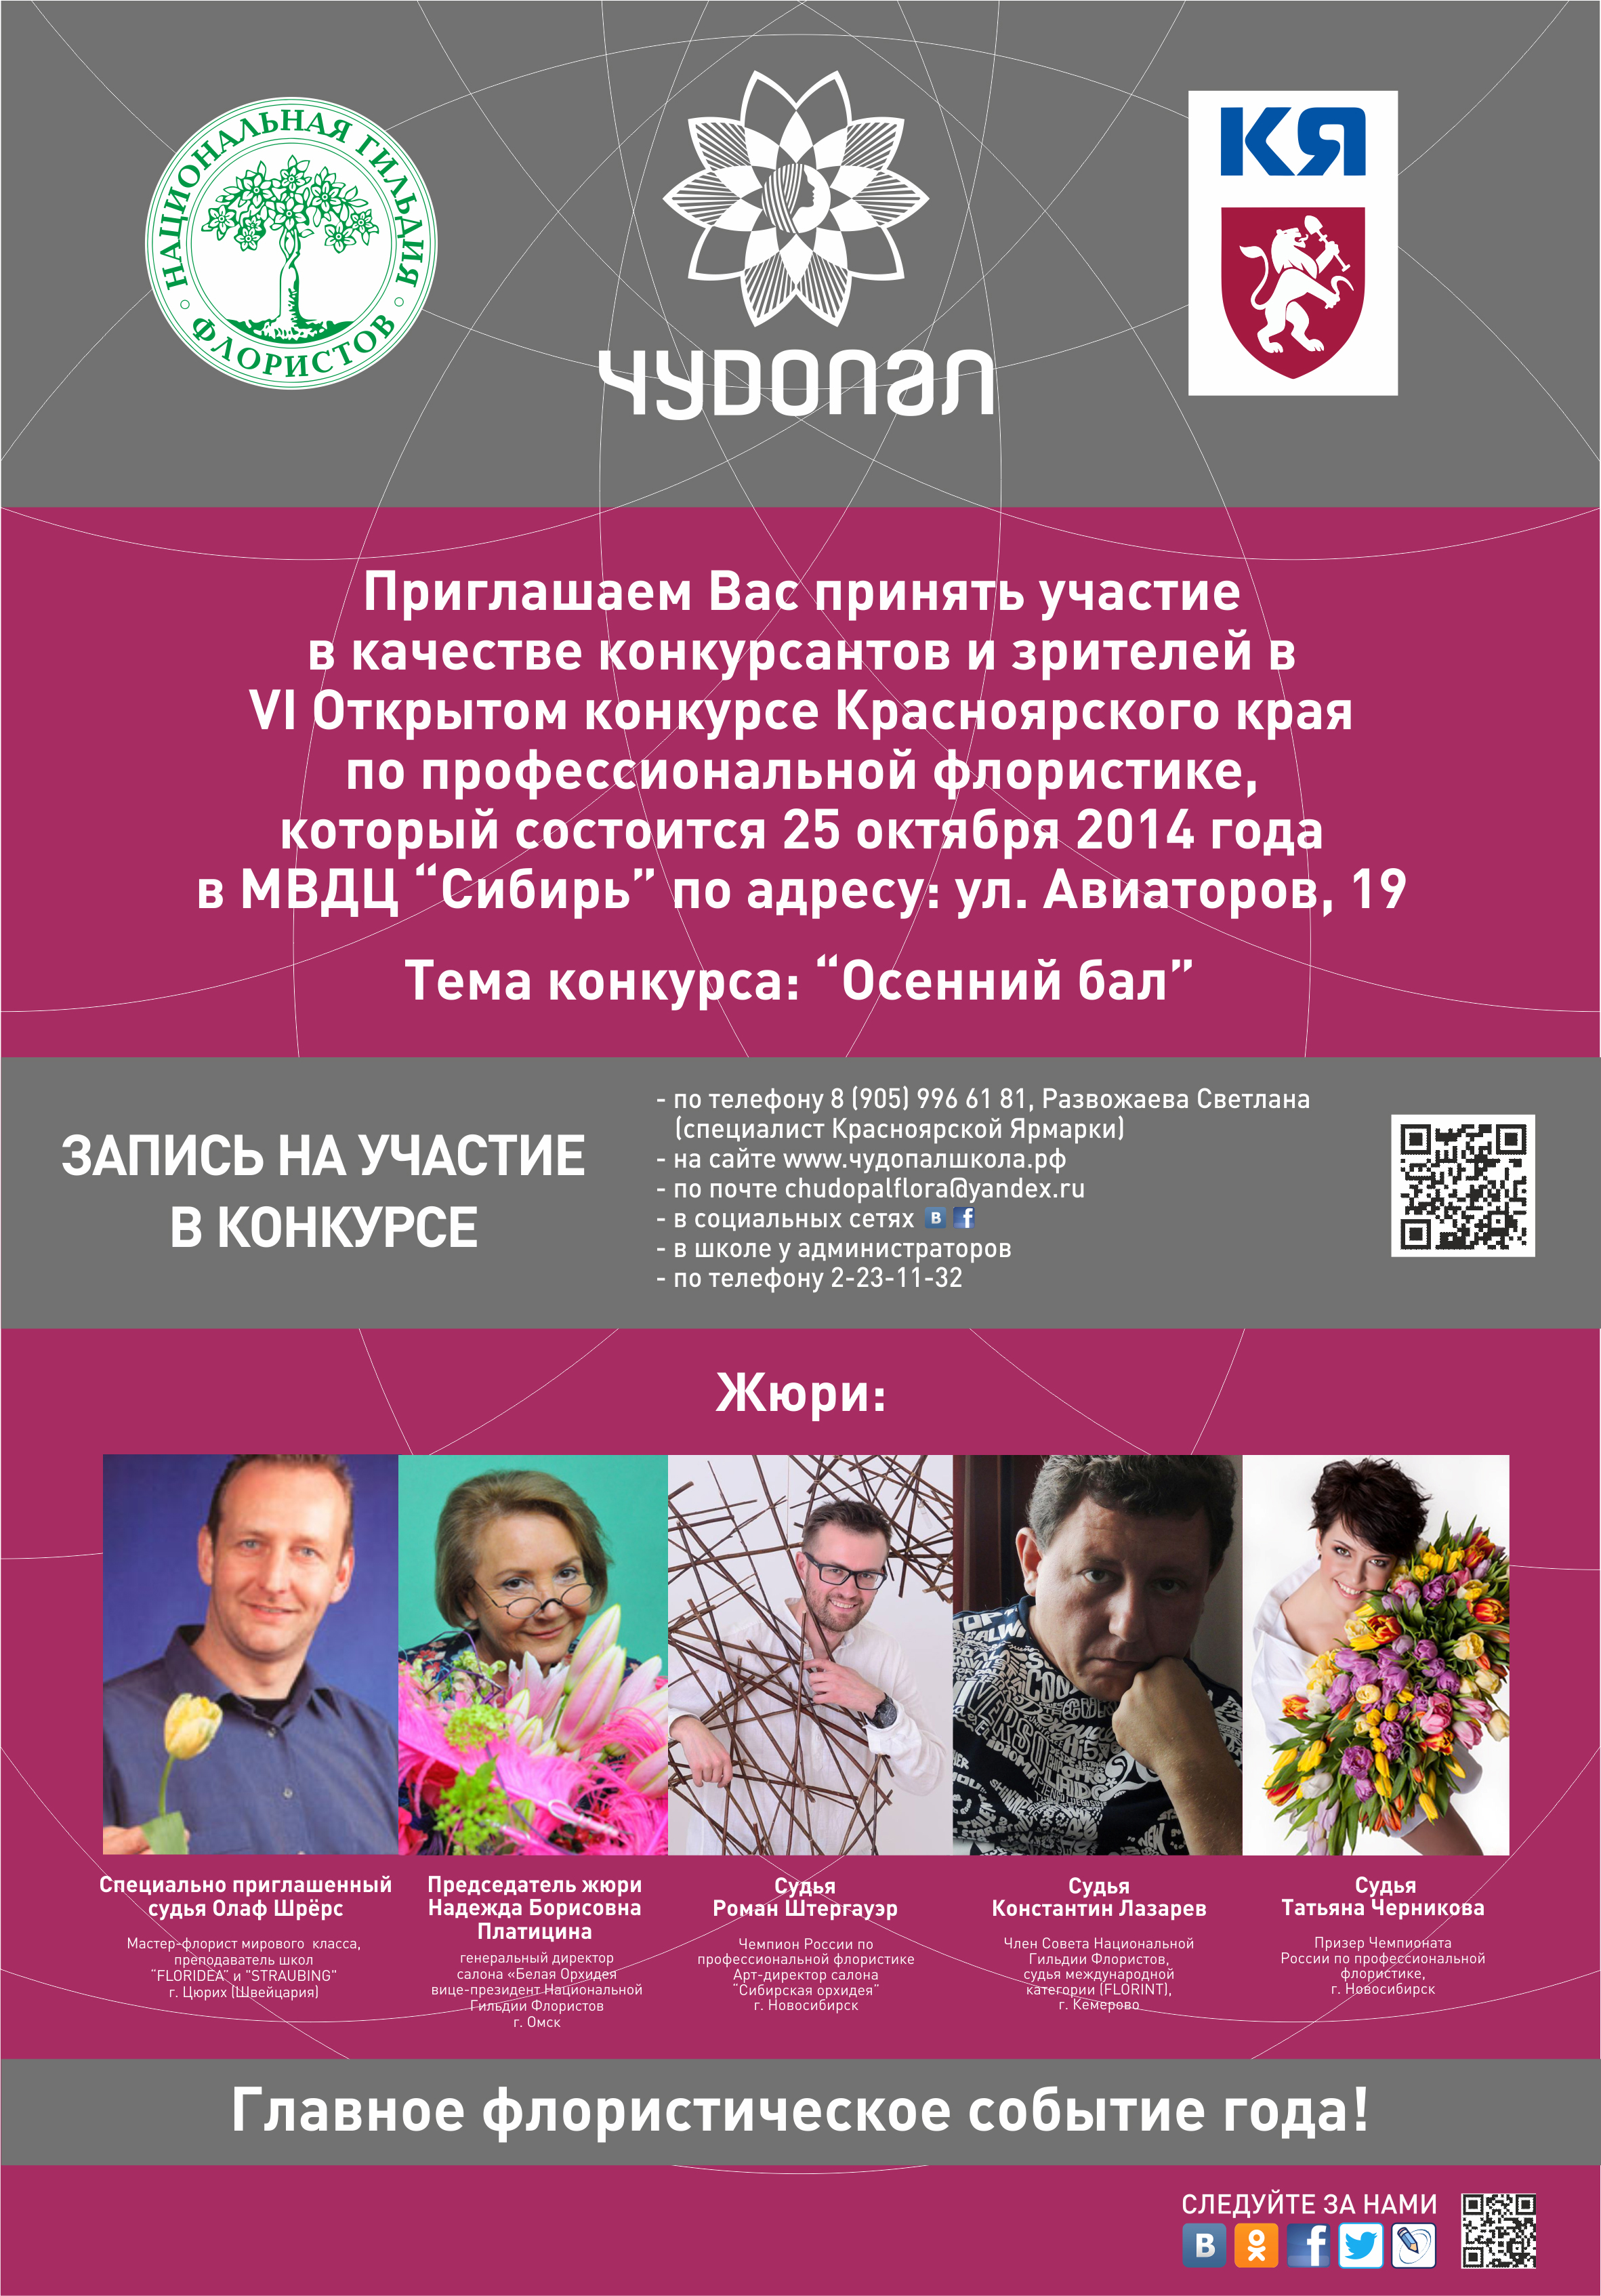 Листовка, приглашение на конкурс 2014